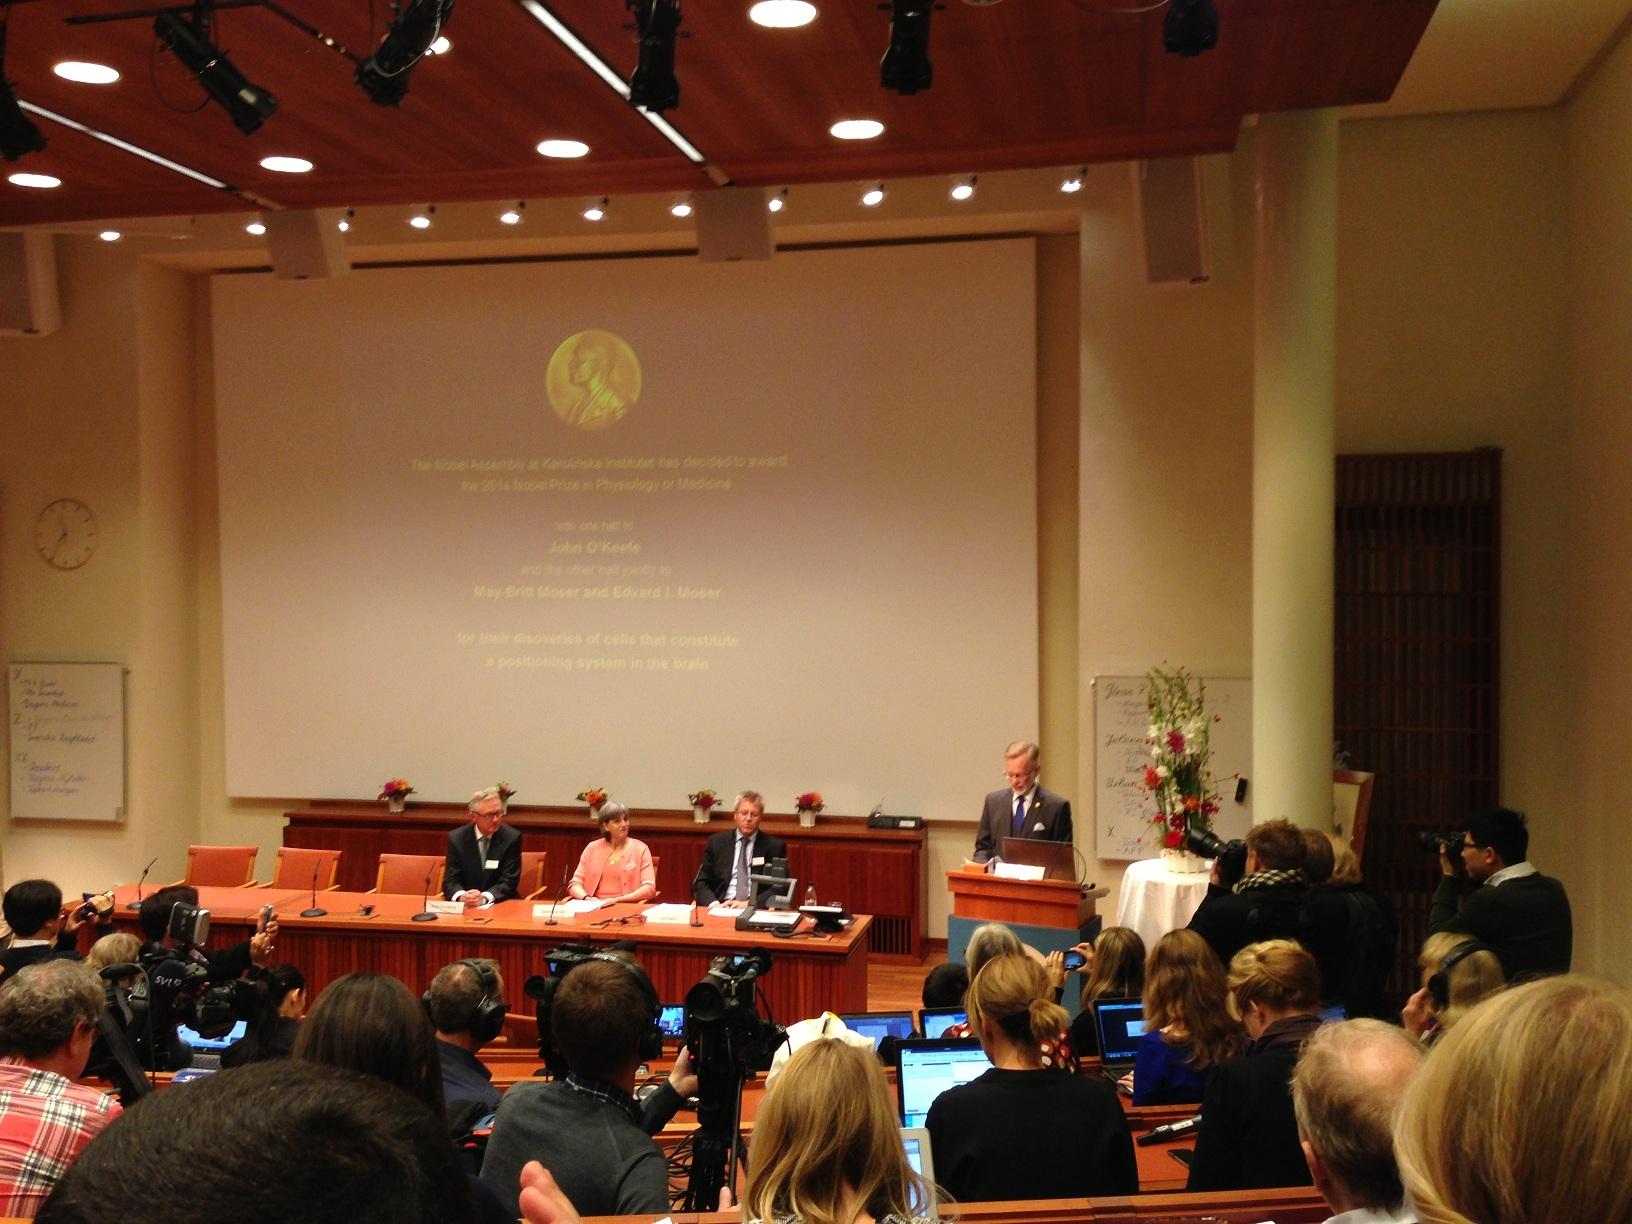 El Premio Nobel de Medicina 2014 fue anunciado por el investigador sueco Göran K Hansson. Fuente: Instituto Karolinska.